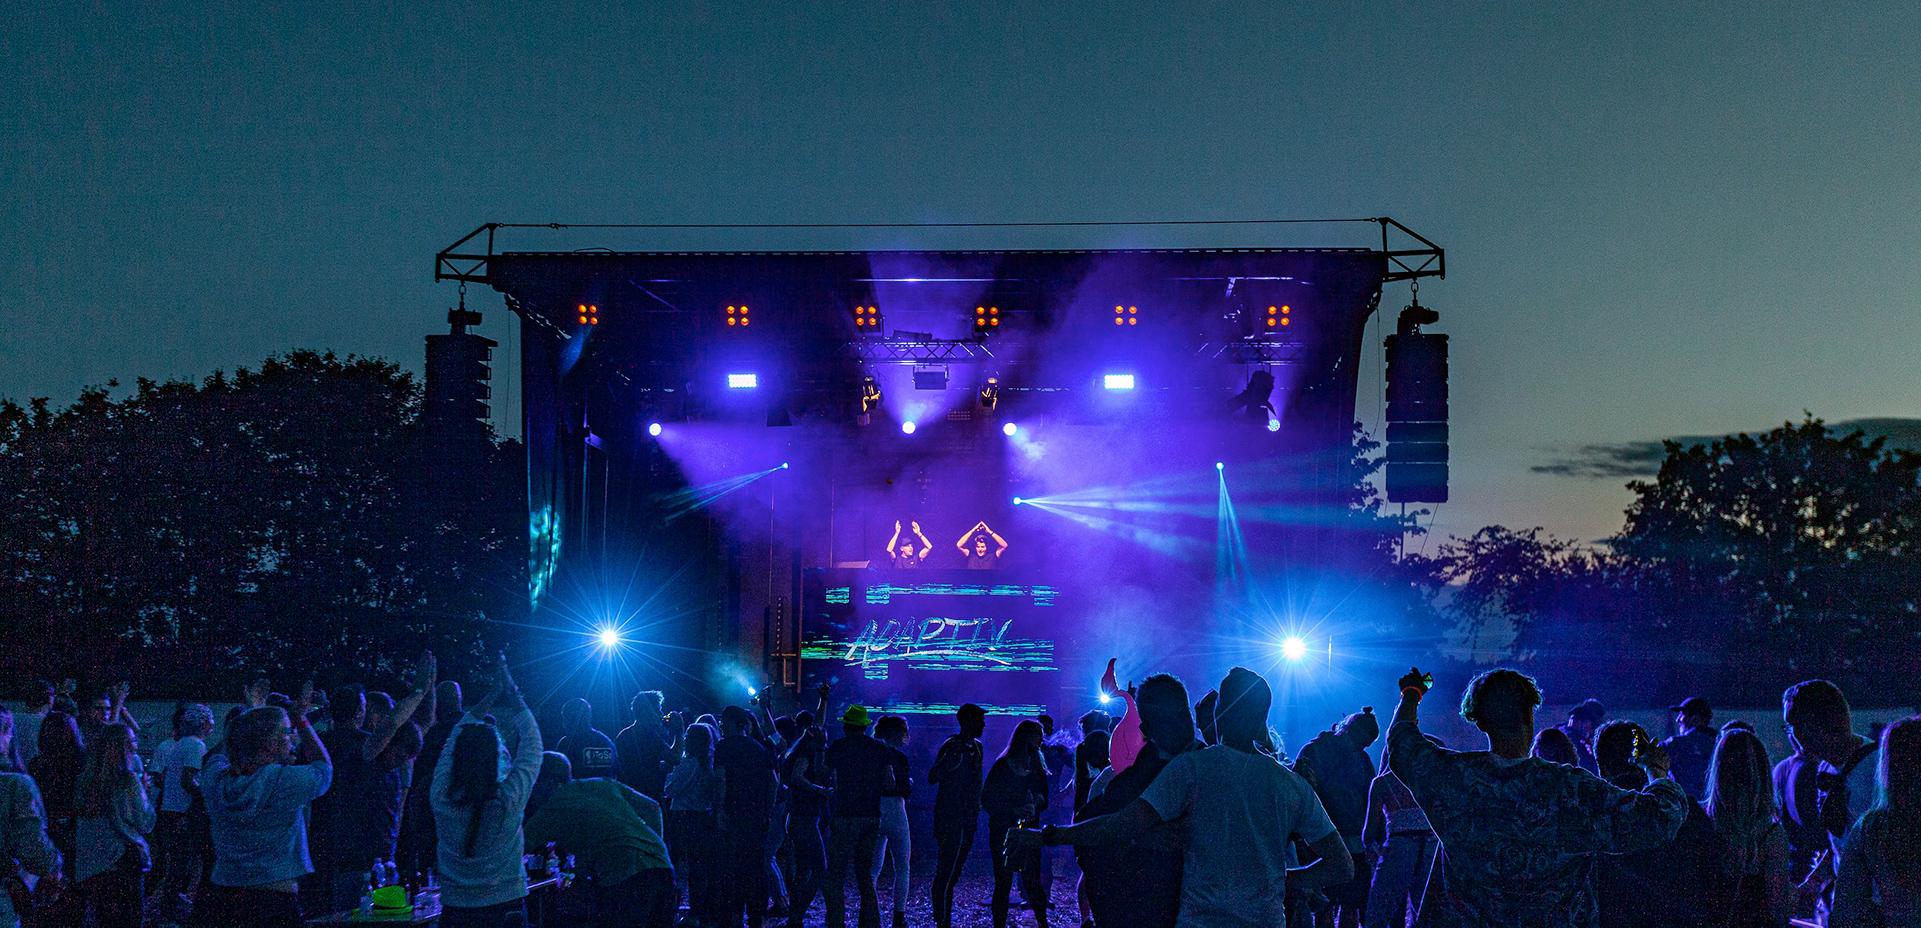 Ein Musikfestival in Pandemiezeiten? – SAE Alumnus Fabian Schickedanz beweist mit dem Oakhill Festival, dass es geht!